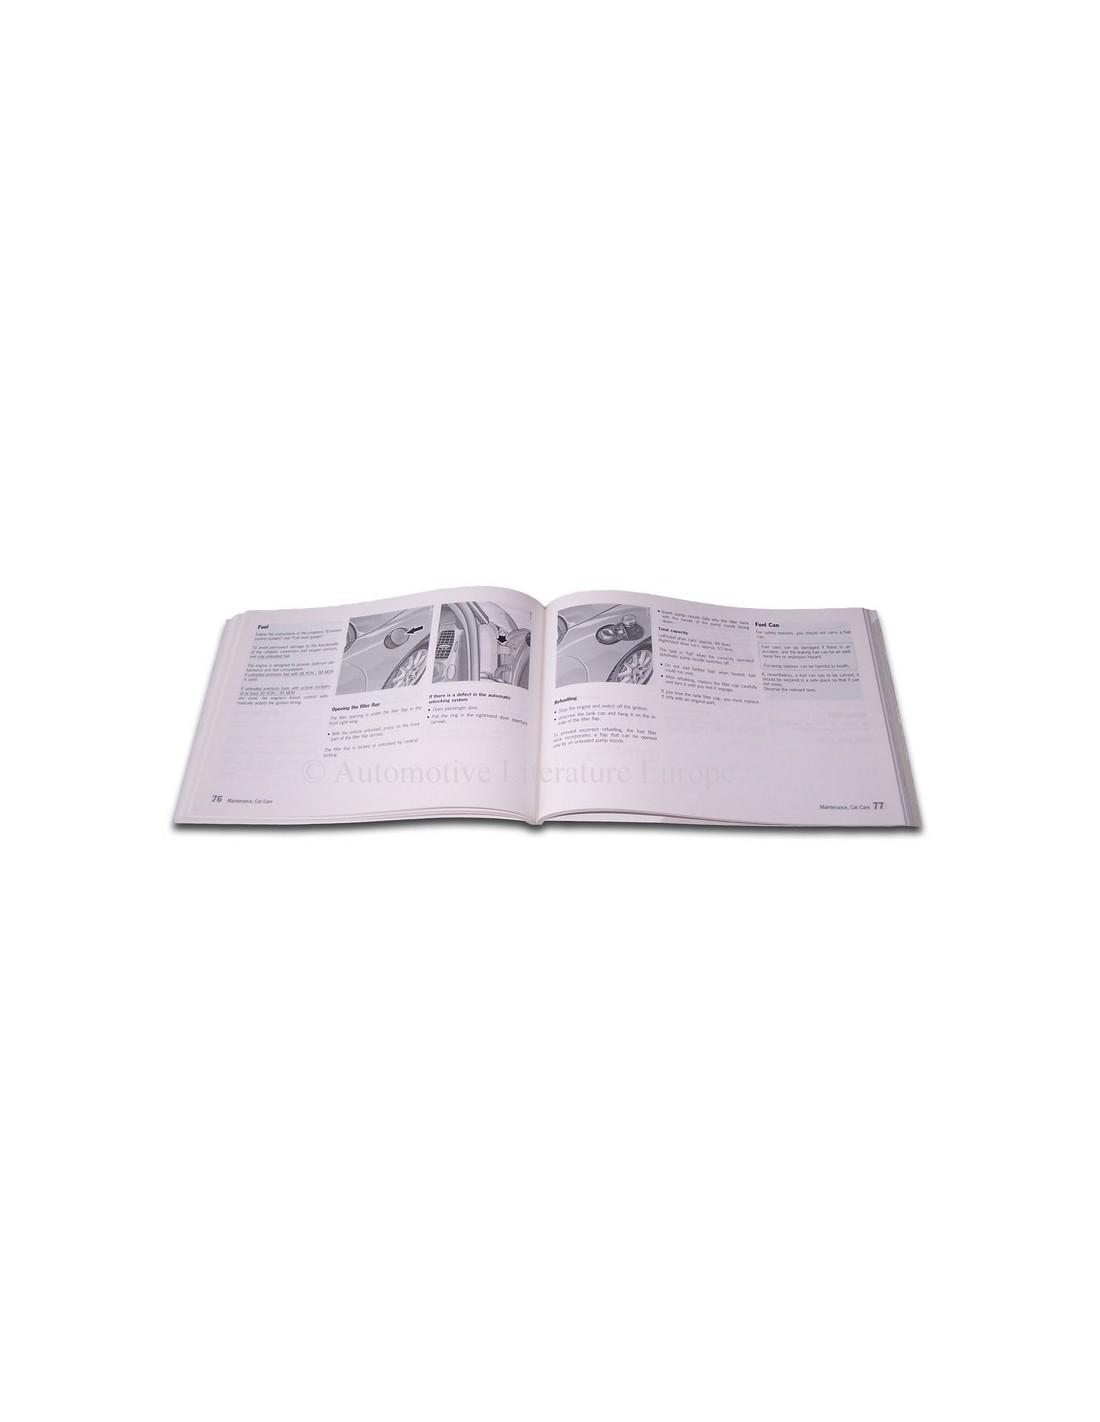 2000 porsche 911 gt3 owners manual english rh autolit eu 2000 porsche 911 owners manual pdf 2000 porsche 911 repair manual